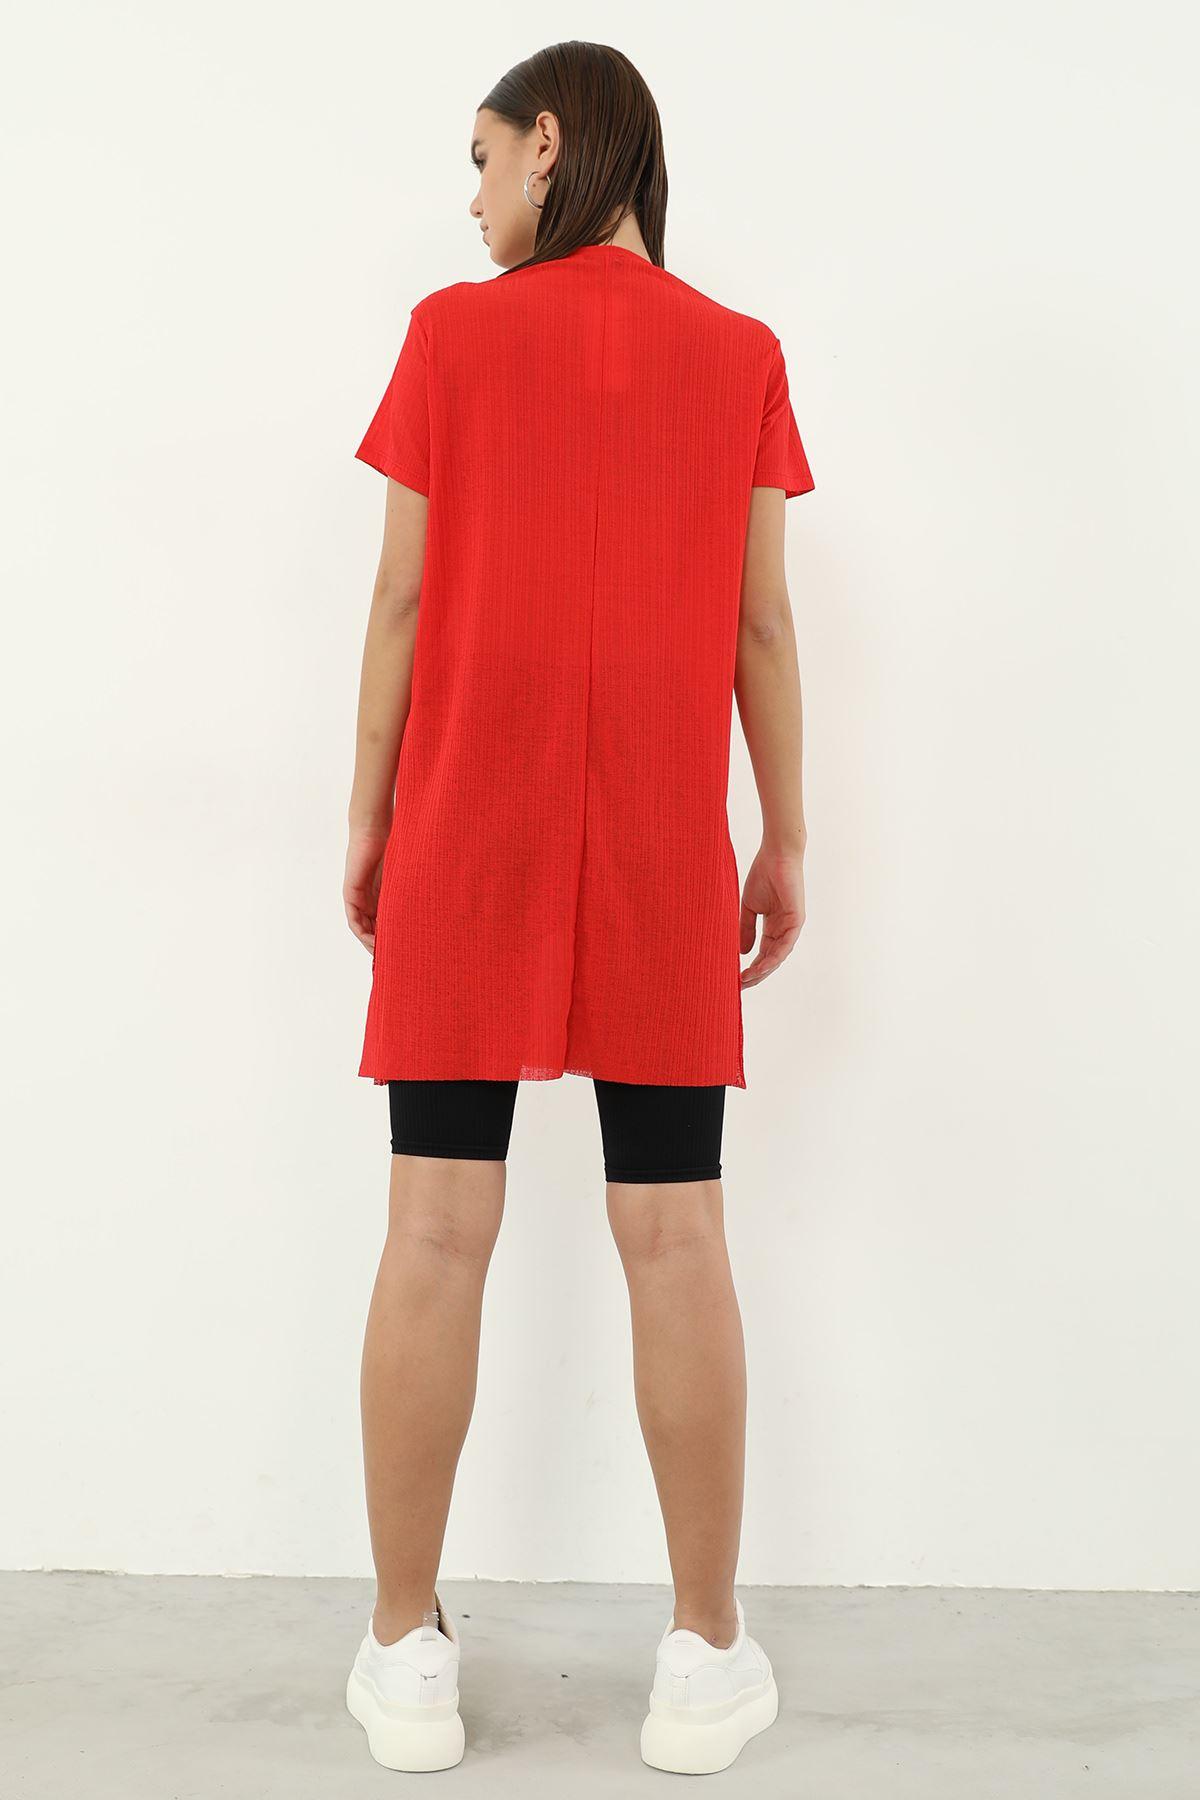 Alwarys Be Kind Baskılı T-shirt-Kırmızı